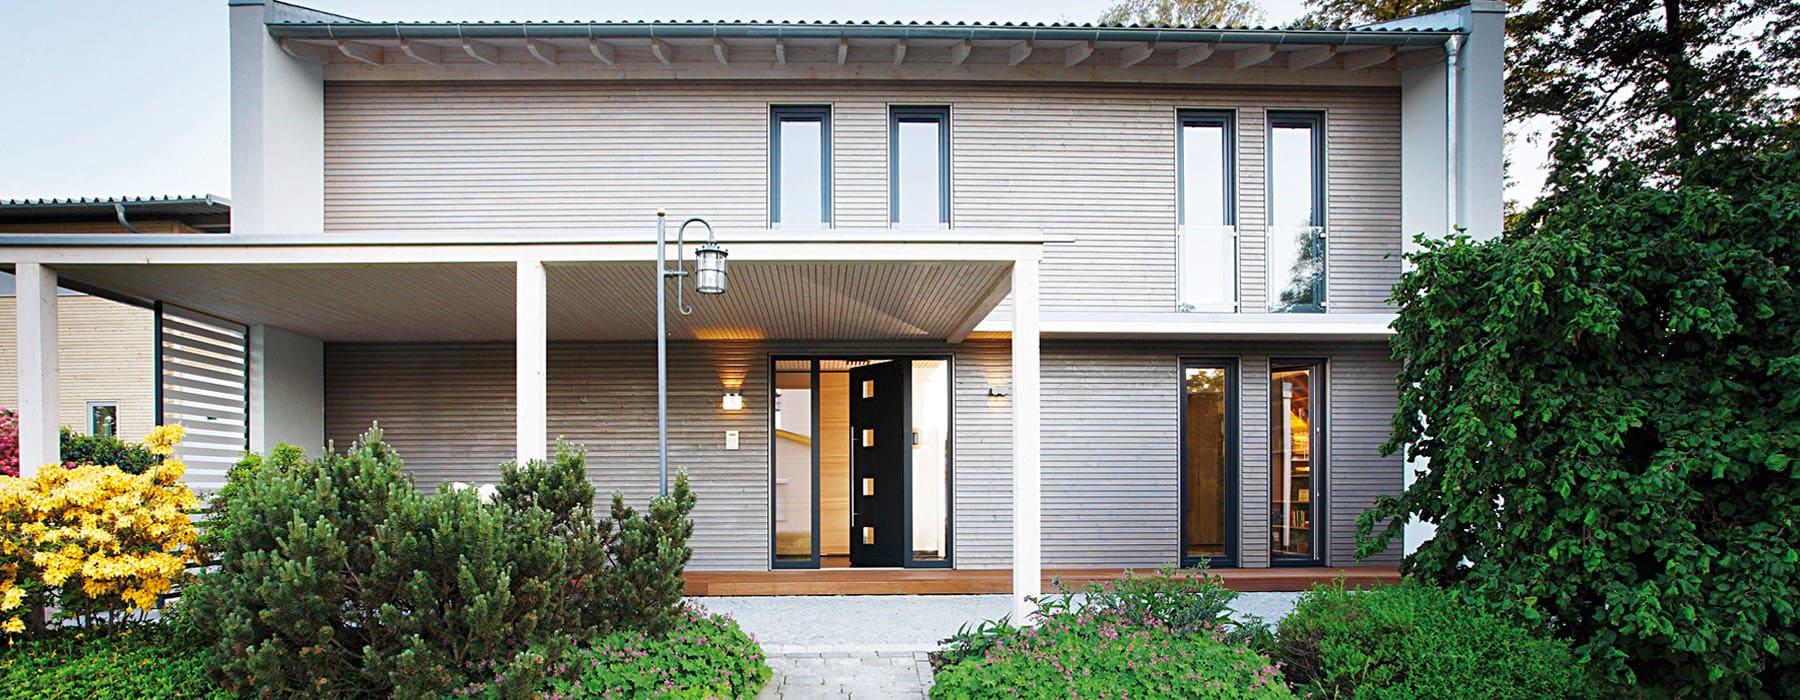 moderne energieeffiziente holzh user aus bayern bauen sie ihr holzhaus. Black Bedroom Furniture Sets. Home Design Ideas